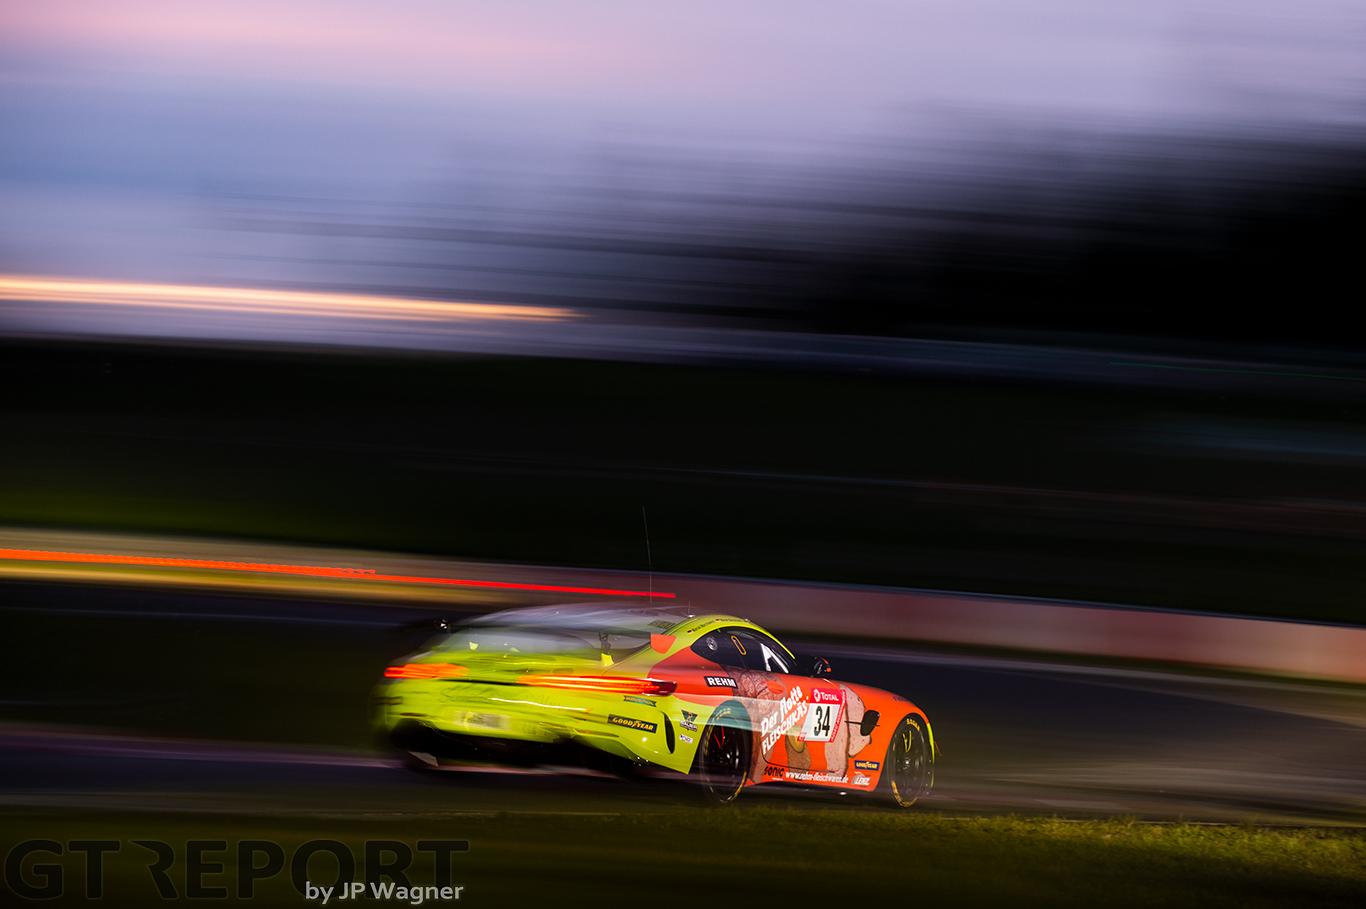 Nürburgring 24 Hours driver report: Marek Böckmann – Restart to victory